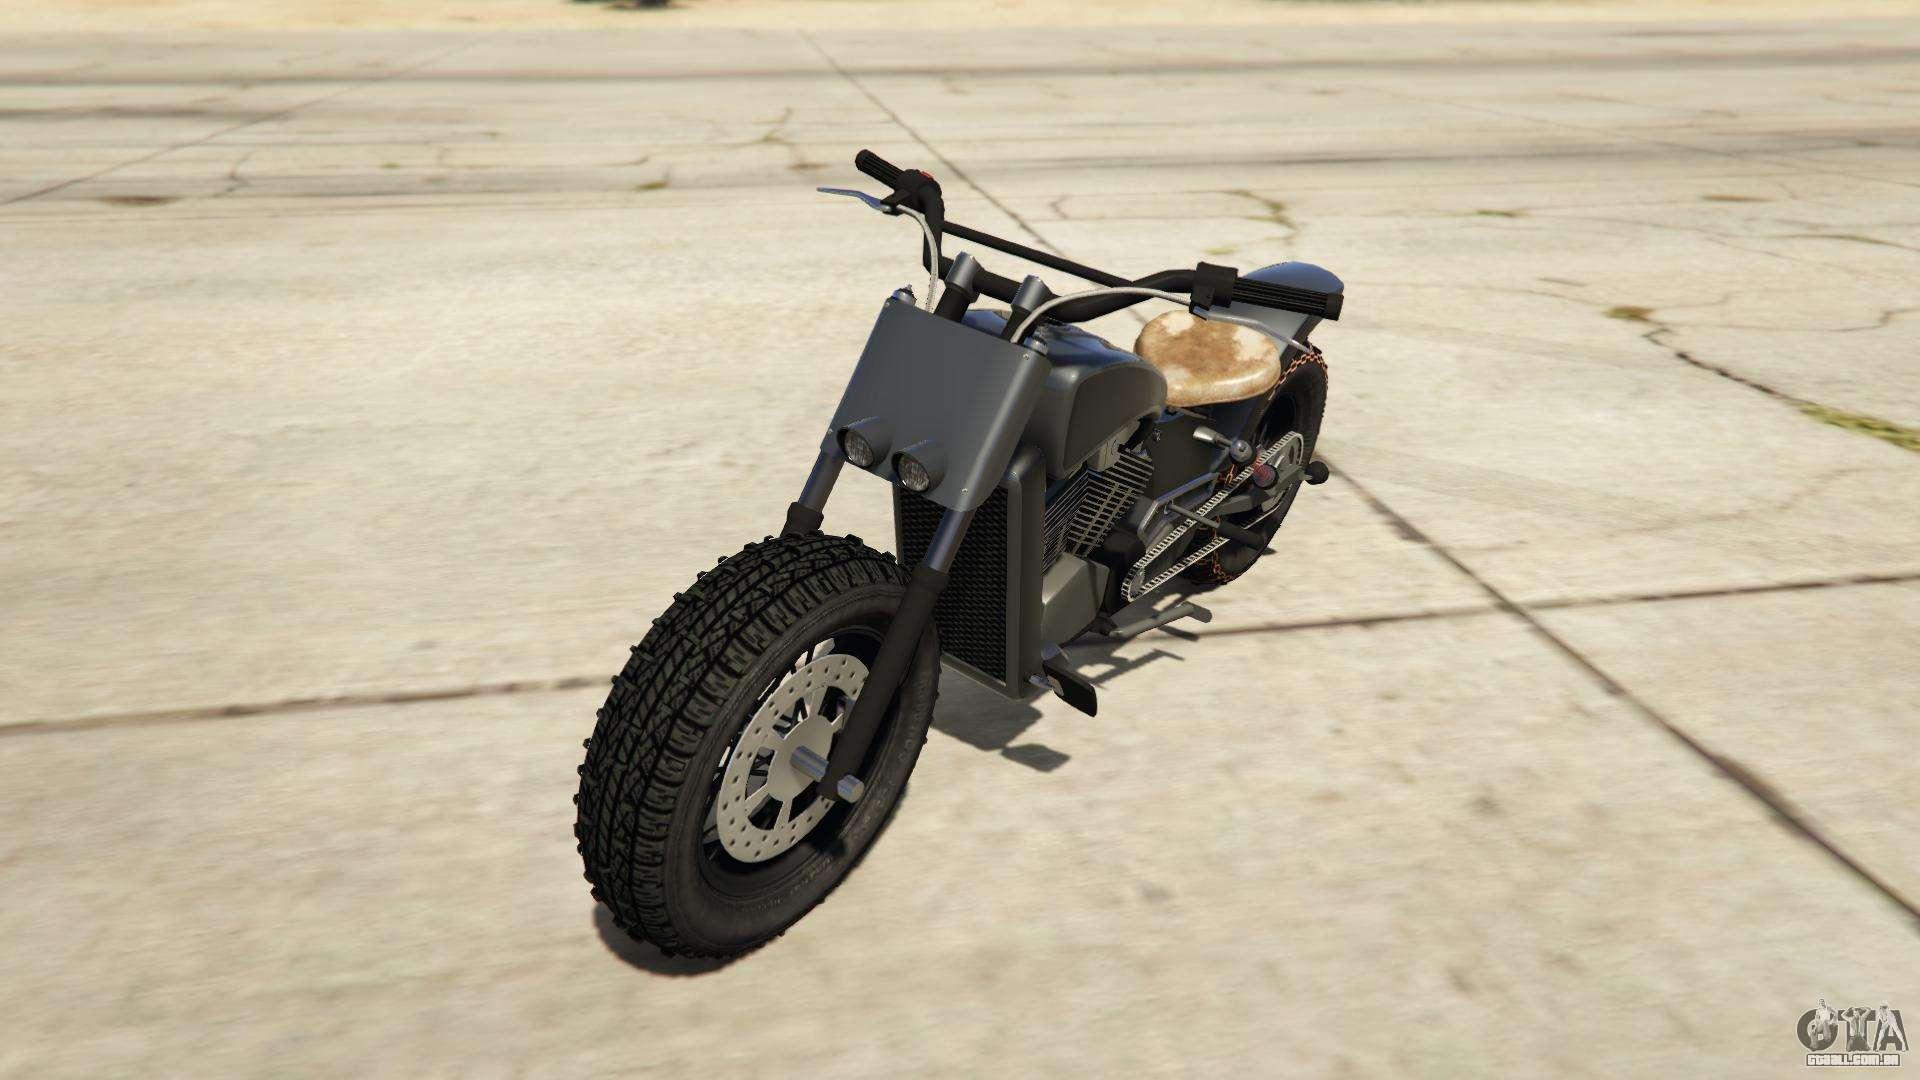 Western Motorcycle Company Gargoyle de GTA Online - vista frontal